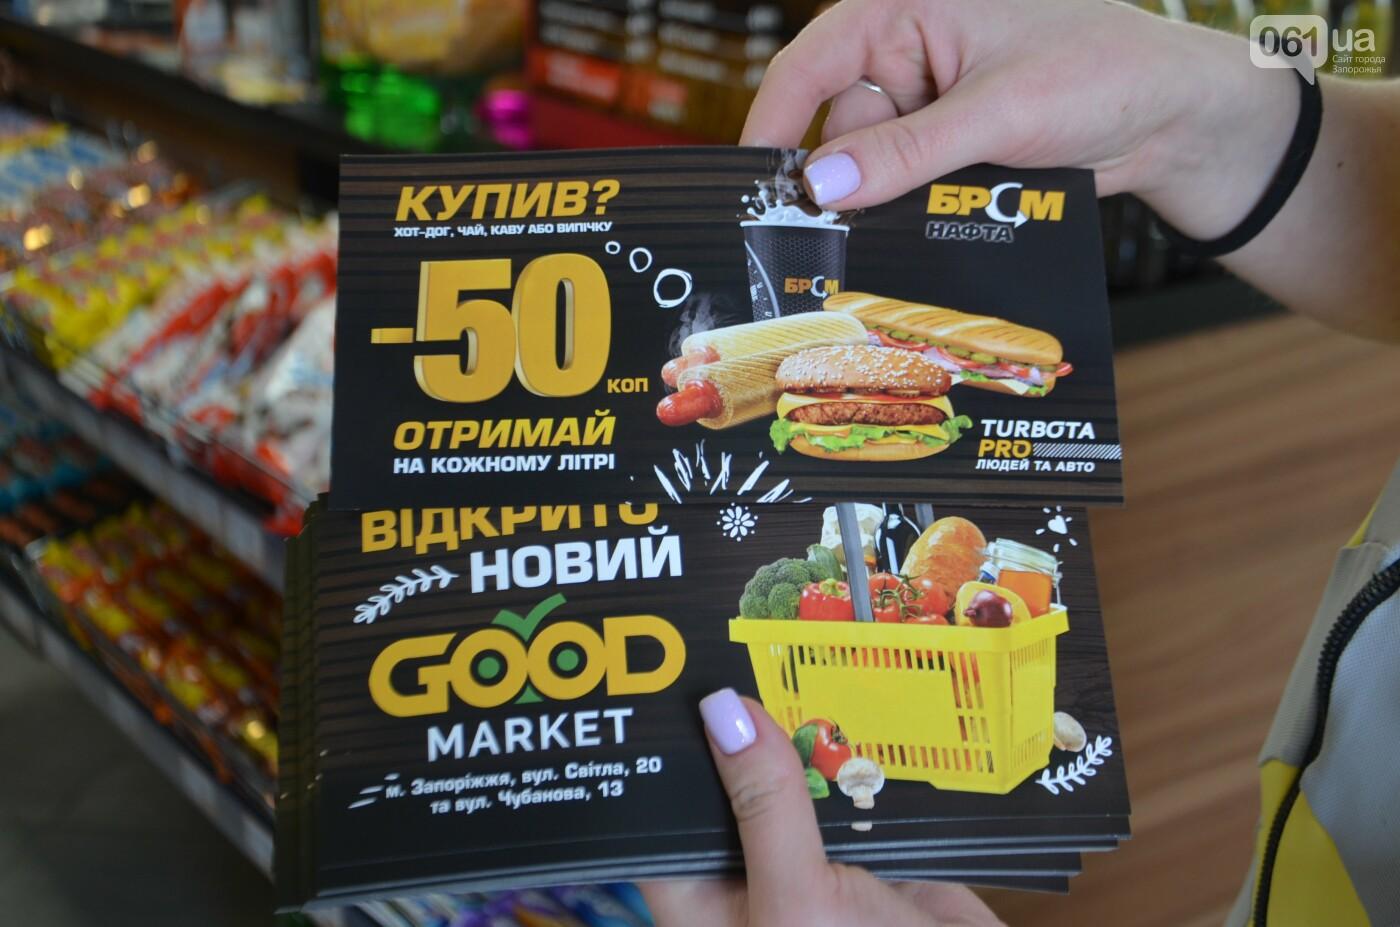 Отличный сервис, приятные цены и акции: в Запорожье открыли два новых автозаправочных комплекса БРСМ-Нафта, фото-12